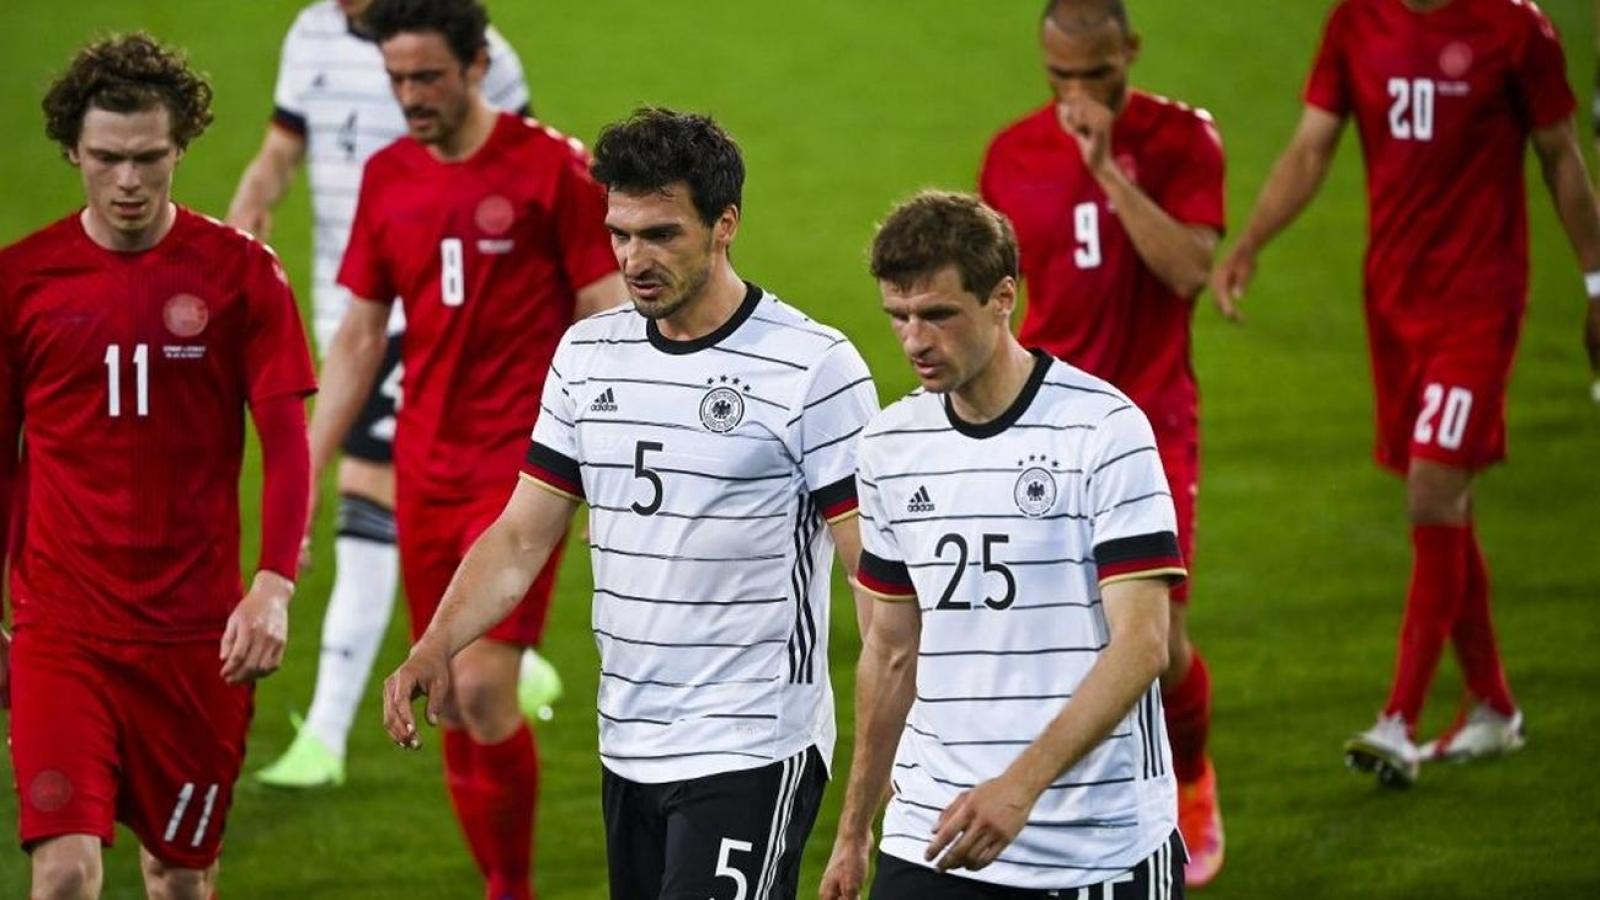 Công làm thủ phá, Đức chạy đà cho EURO 2020 bằng trận hòa Đan Mạch